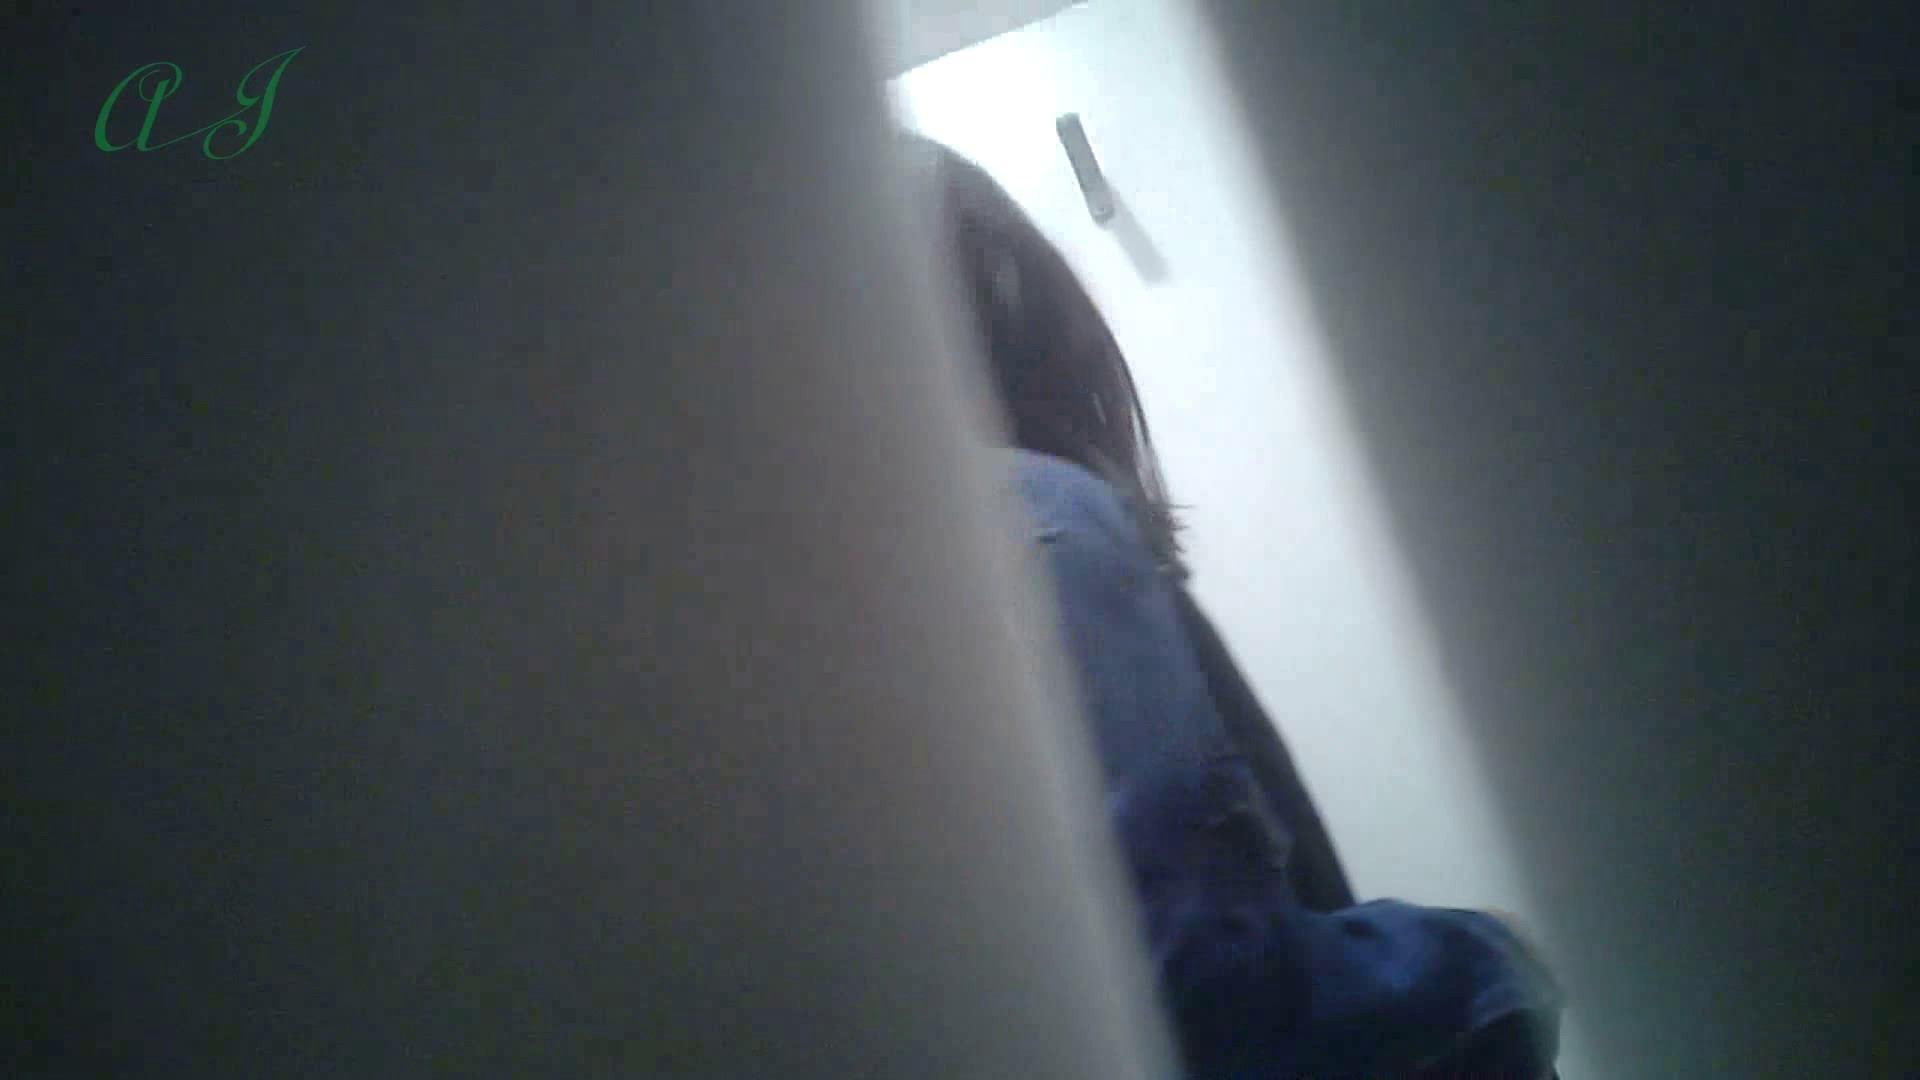 有名大学女性洗面所 vol.67トイレの女神さま♪ OLエロ画像  108PICs 90